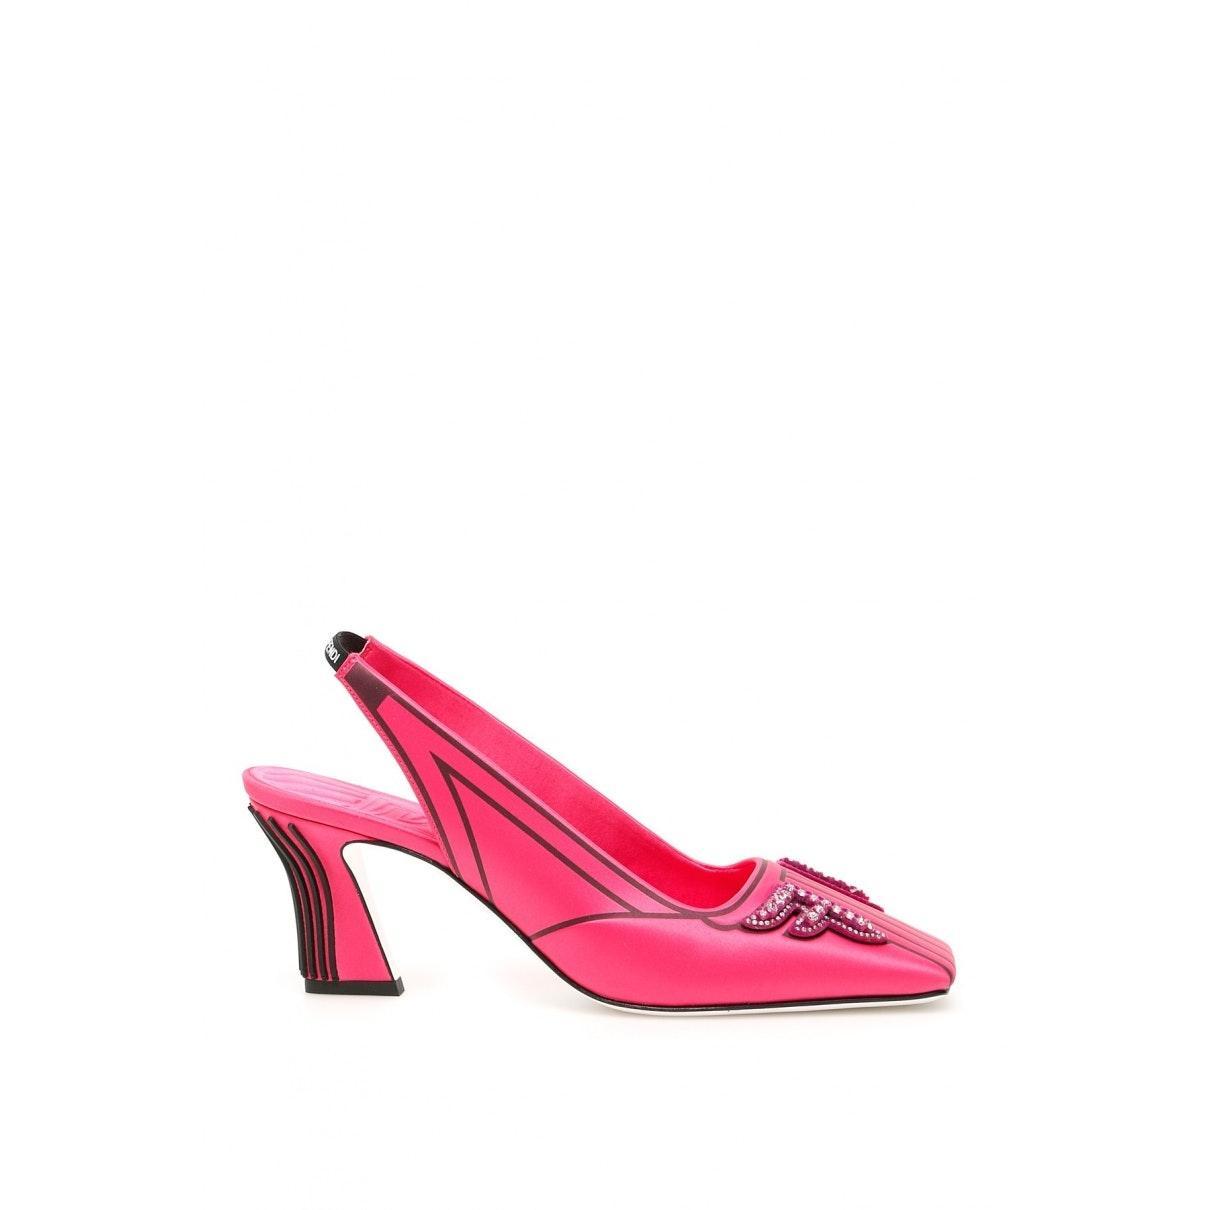 Tacones en lona rosa FFreedom Fendi de color Rosa